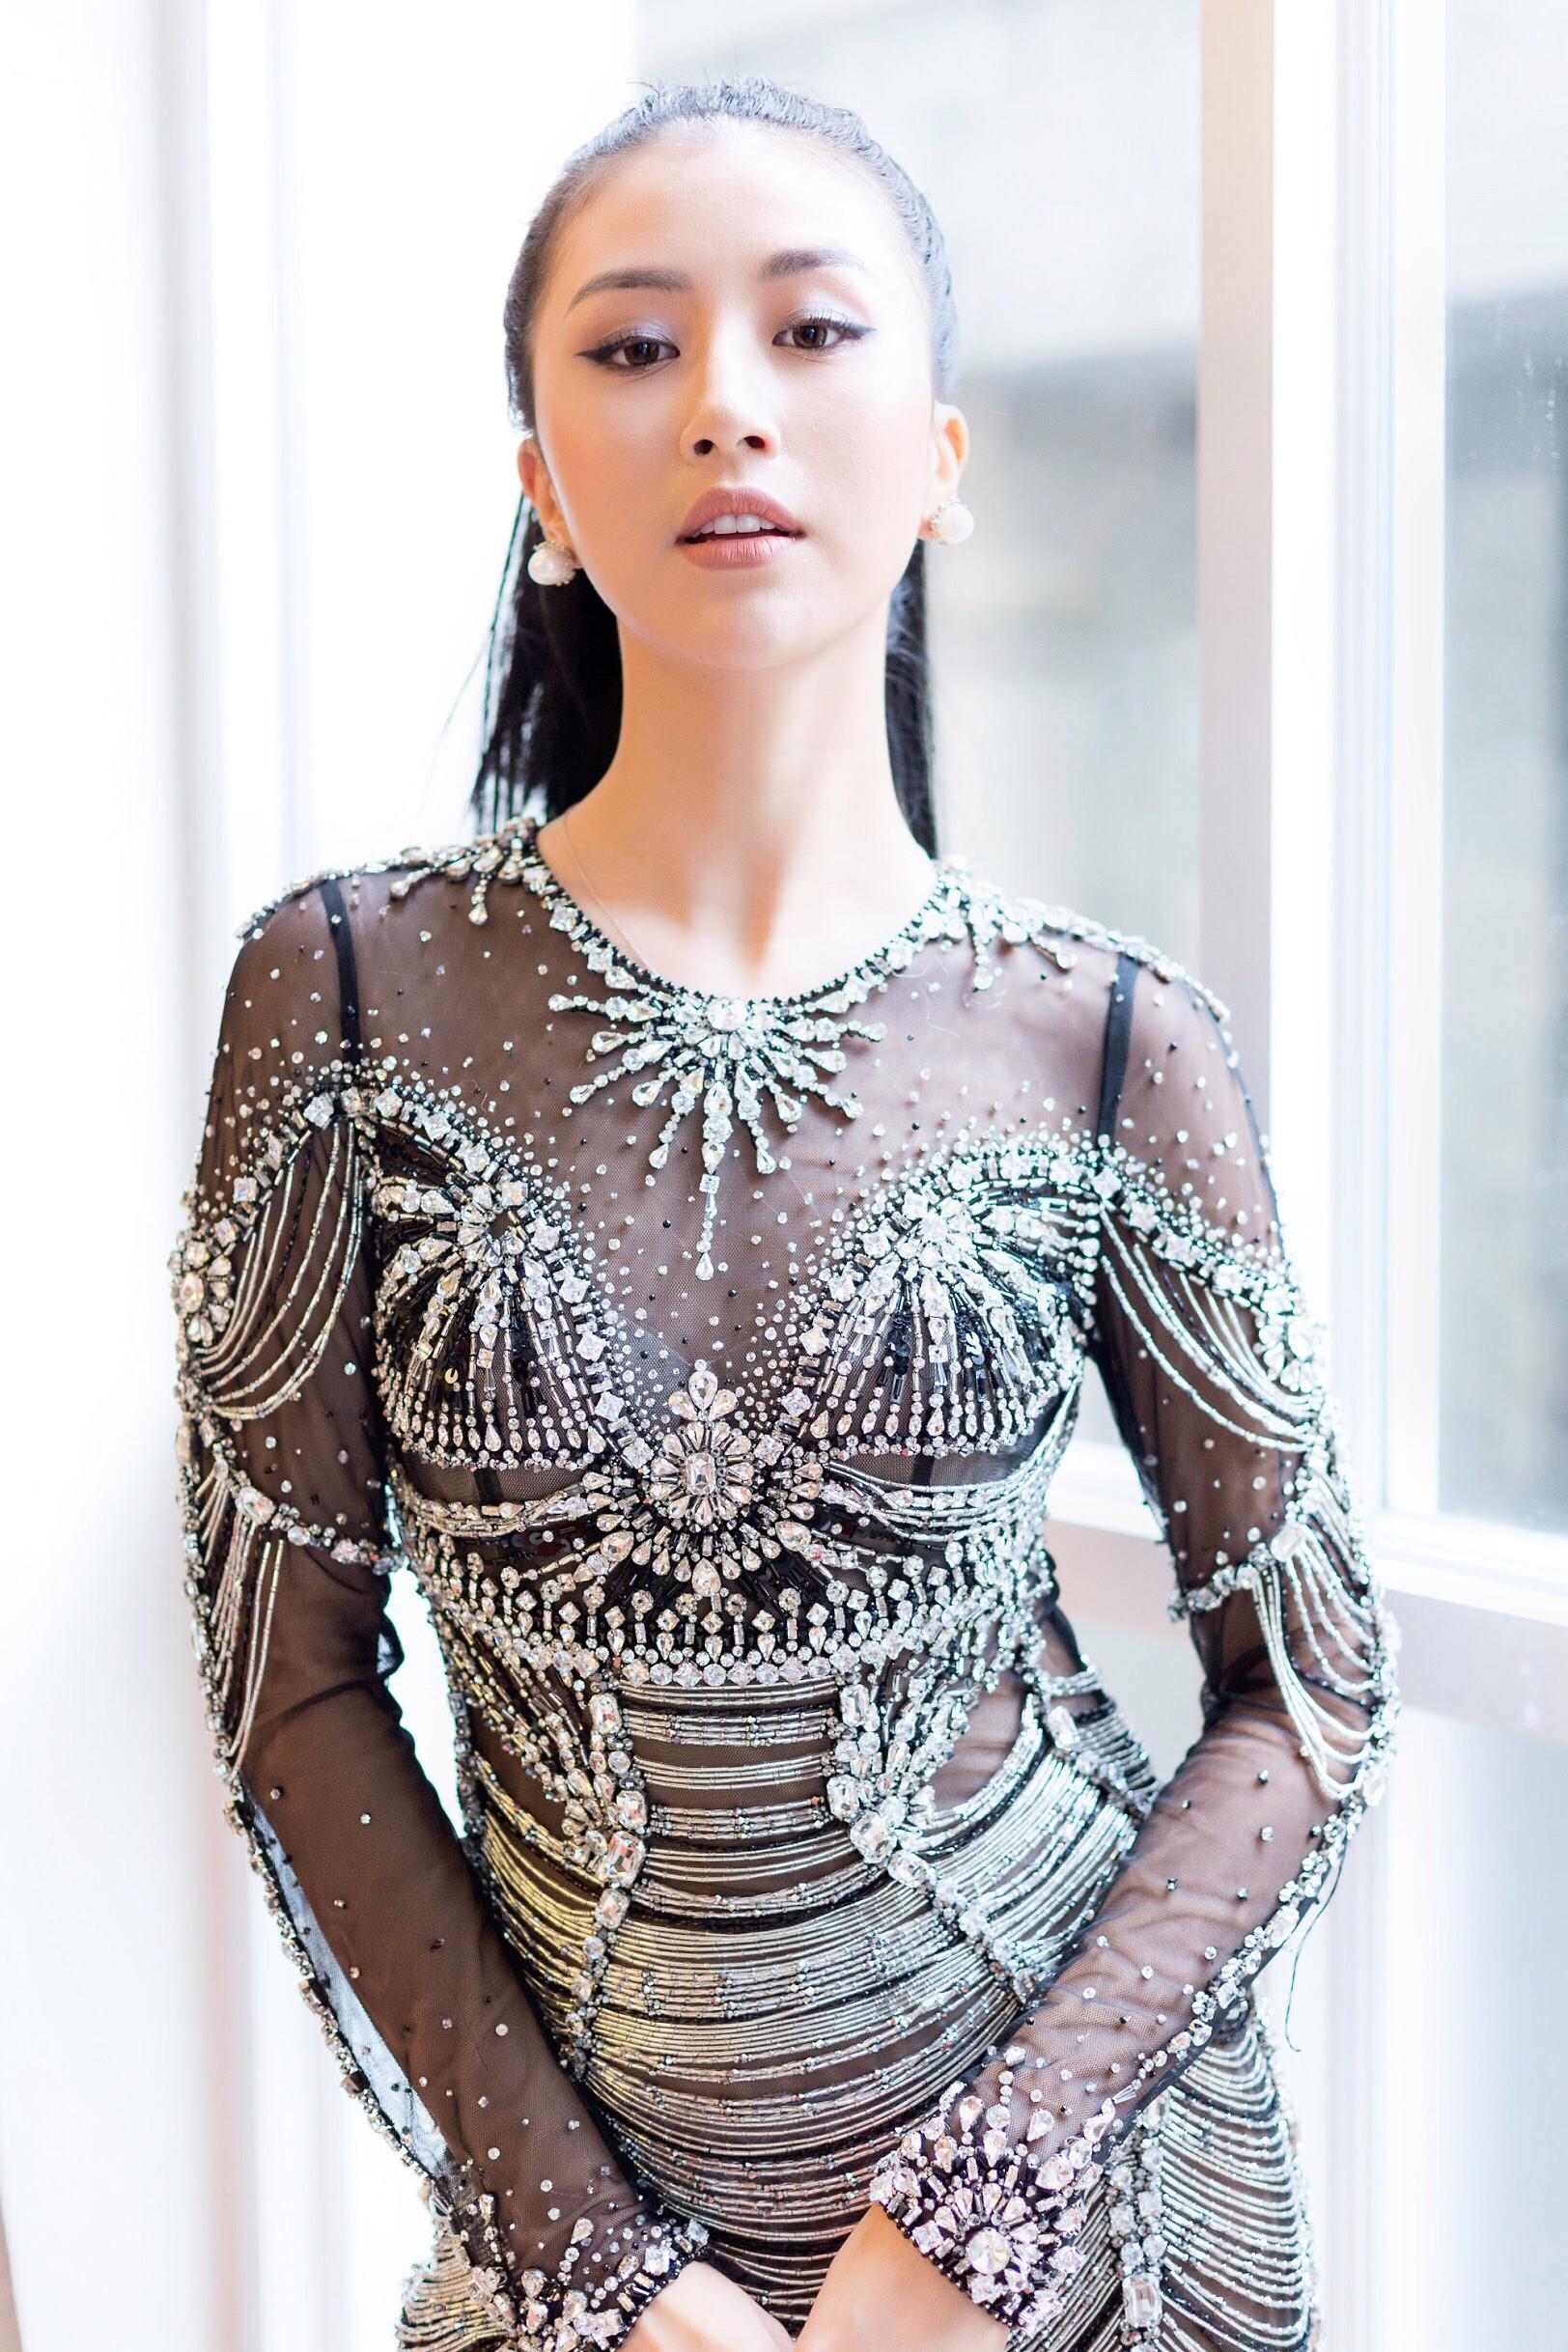 Váy sexy trưởng thành của Quỳnh Anh Shyn hóa ra được diva Thu Minh mặc từ 5 tháng trước - Ảnh 2.